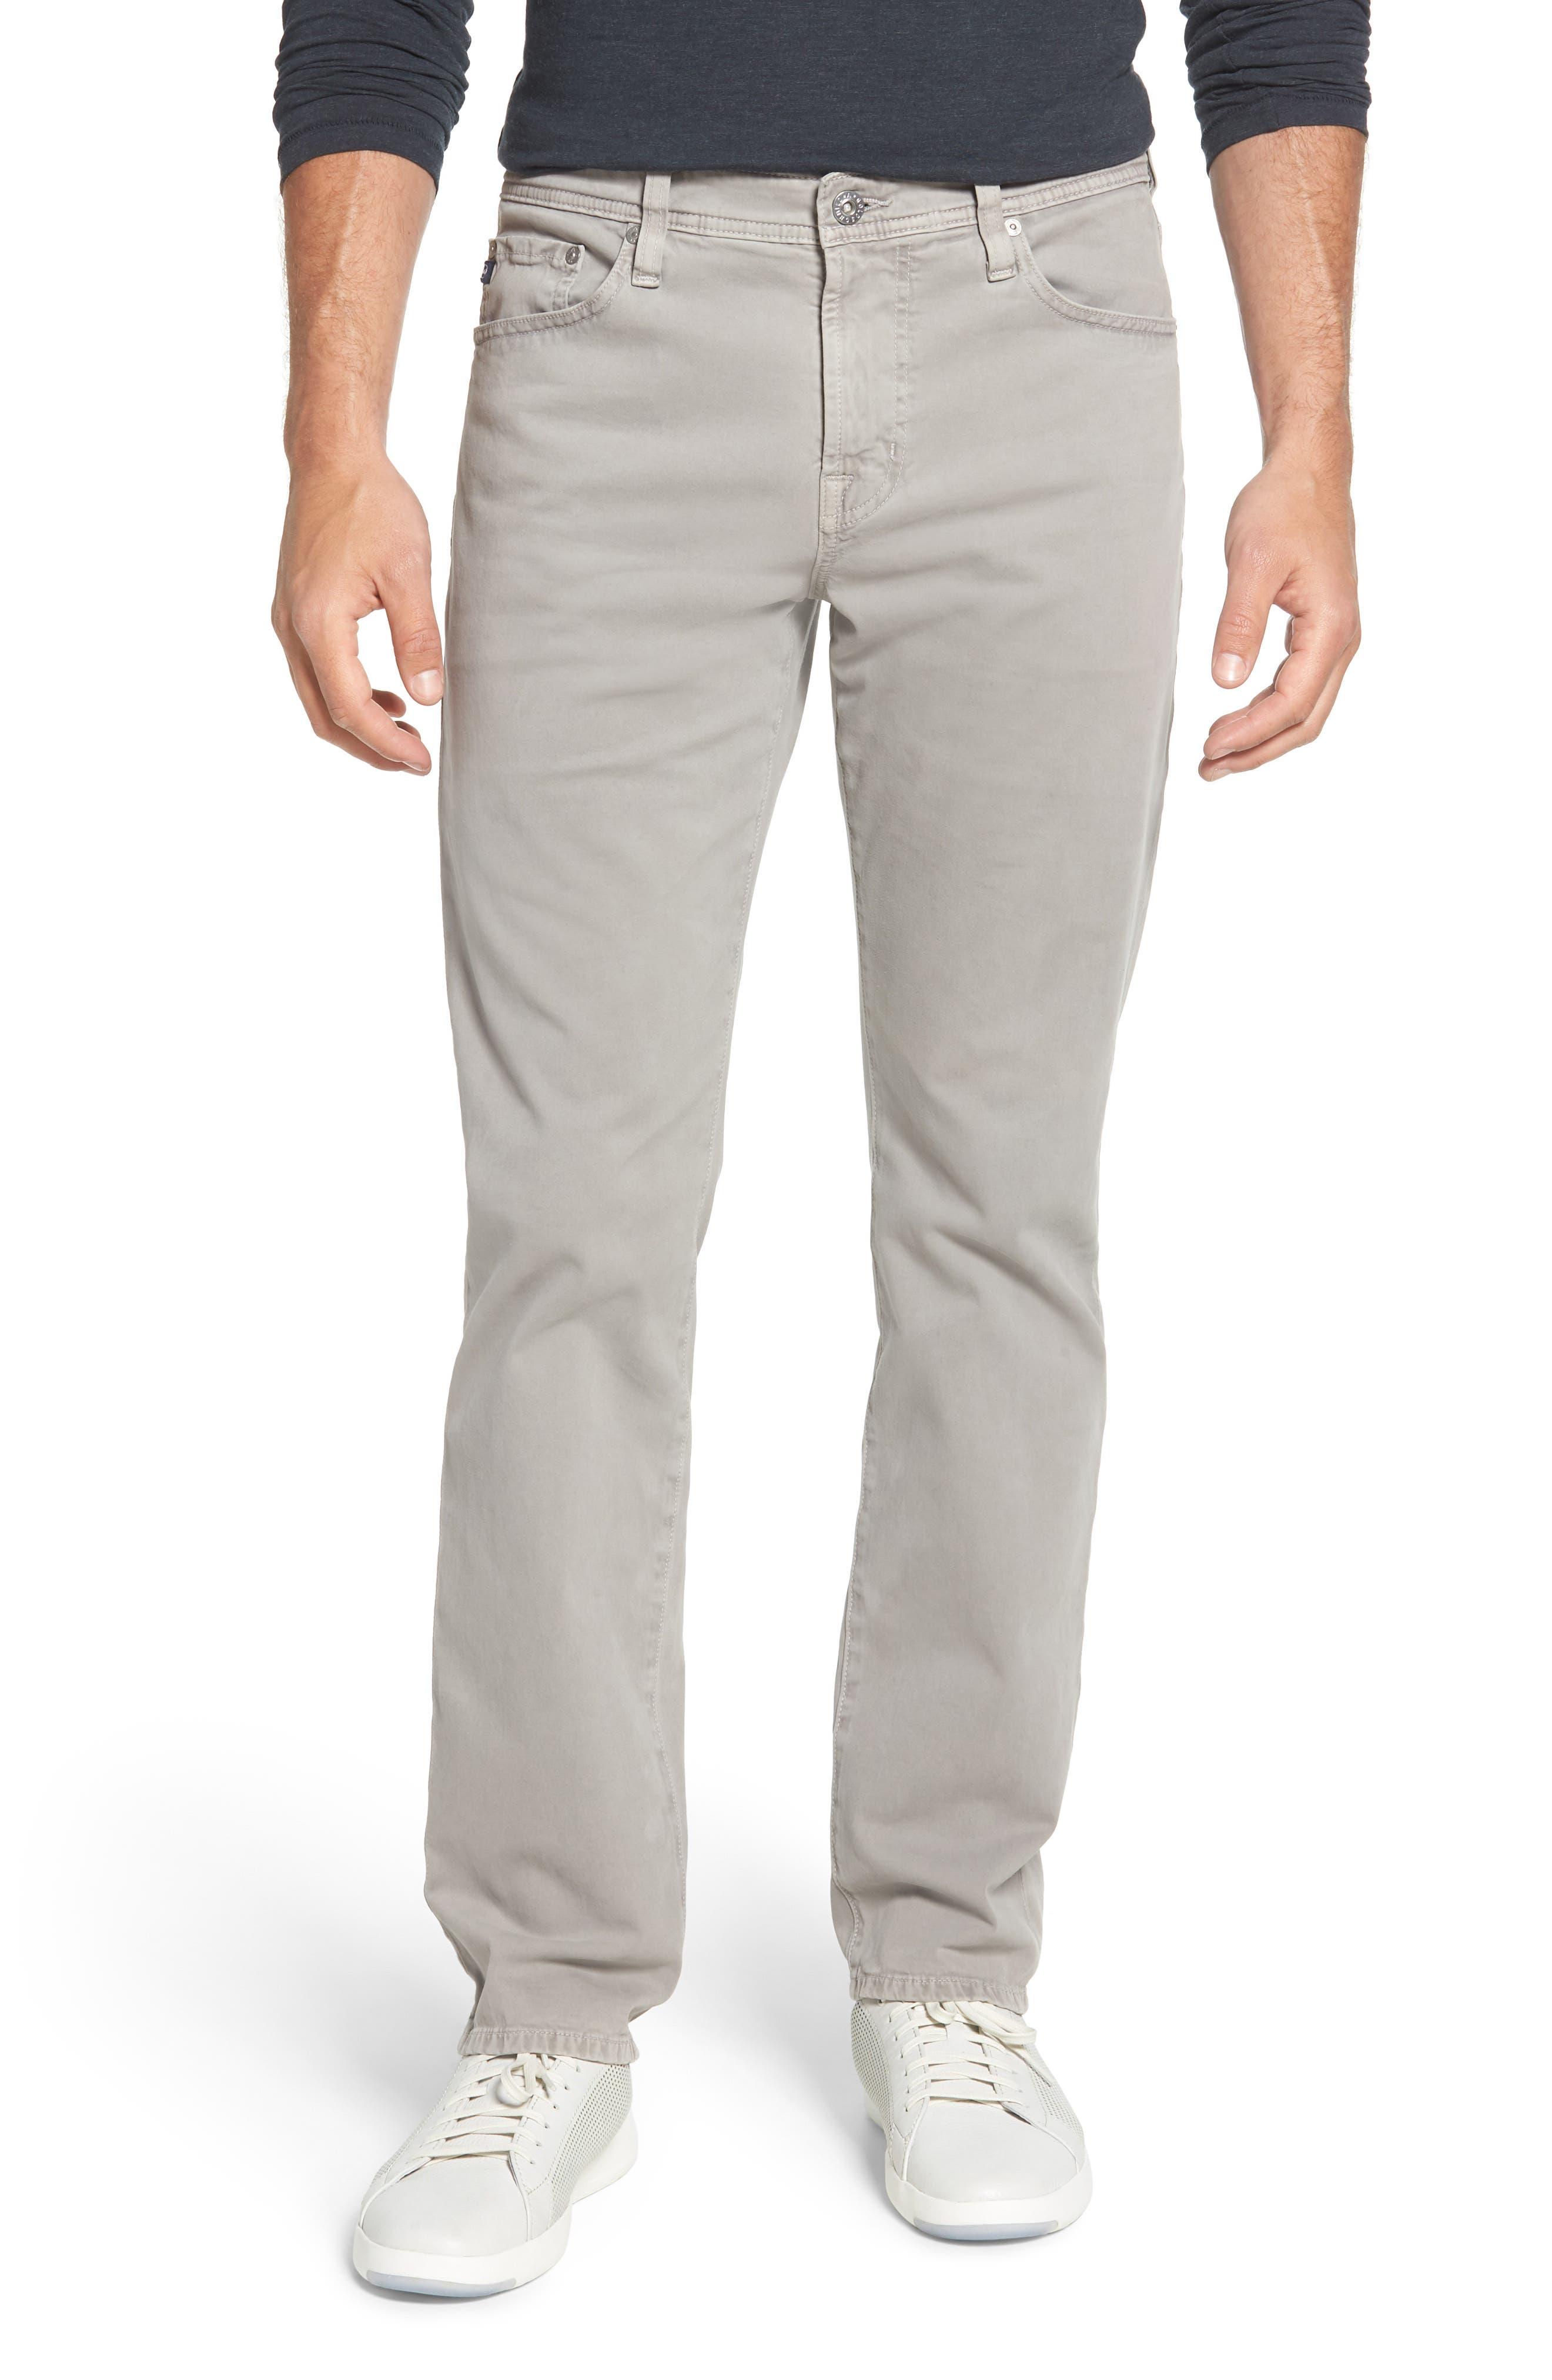 Everett SUD Slim Straight Fit Pants,                         Main,                         color, Sulfur Platinum